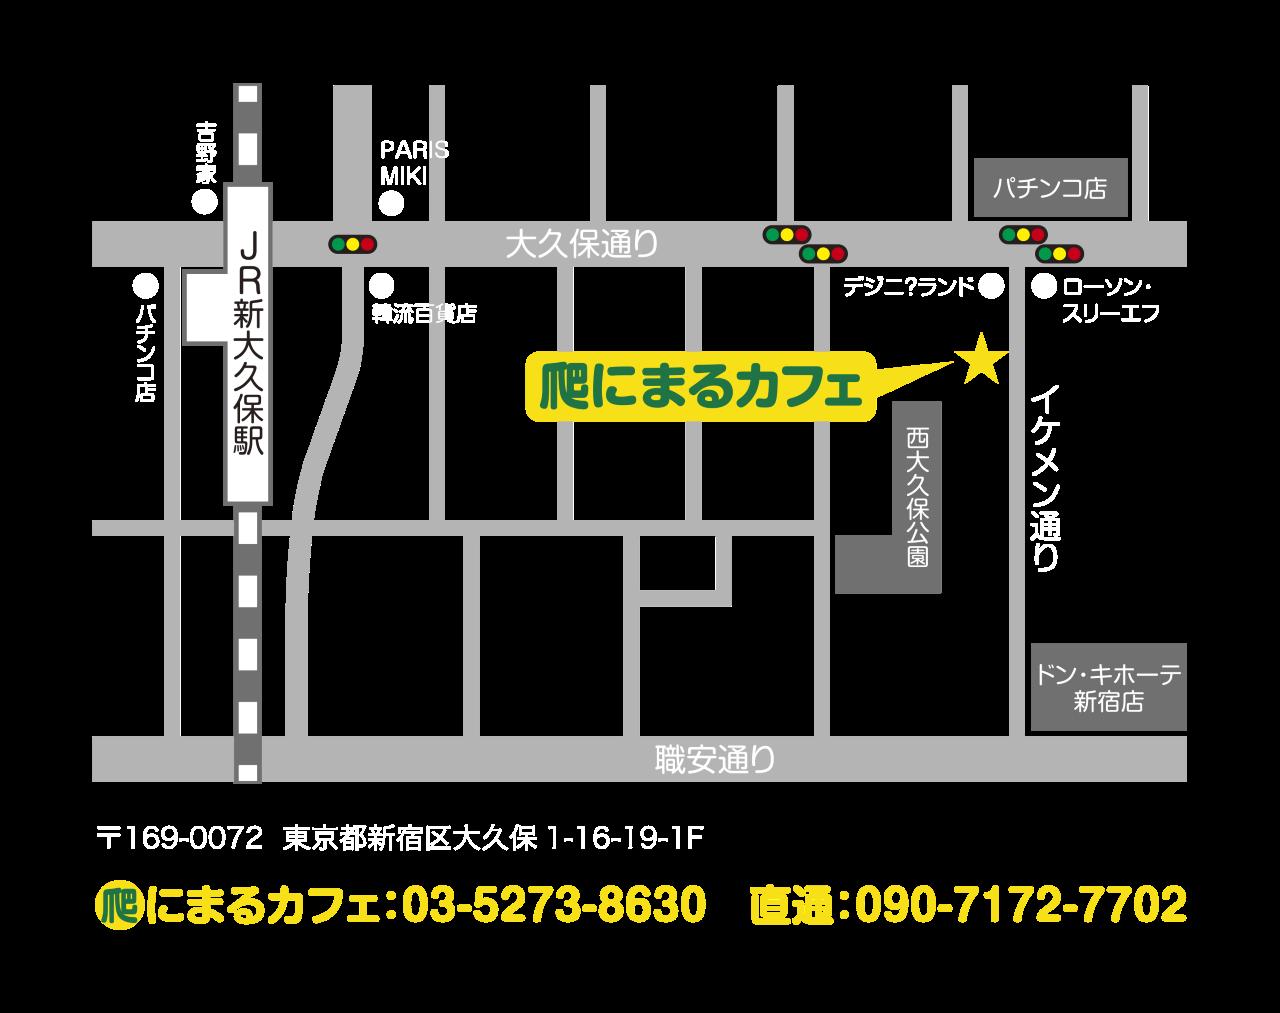 爬にまるカフェ アクセスマップ